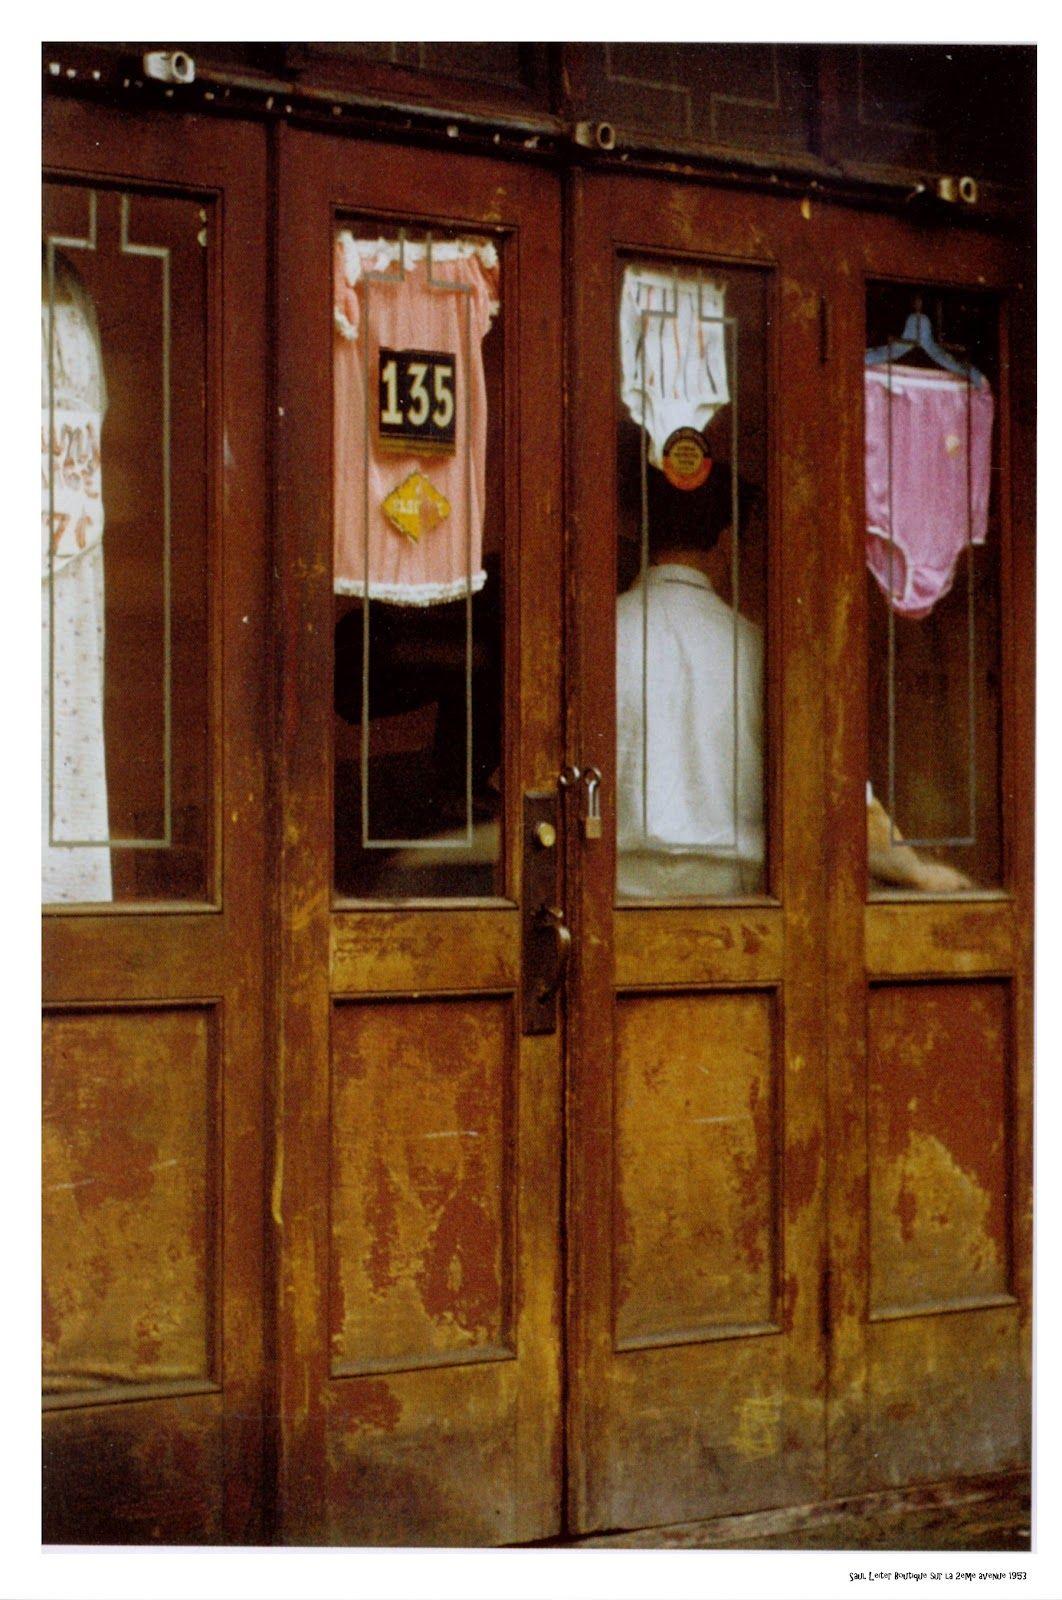 Saul Leiter - Lingerie Shop 1952